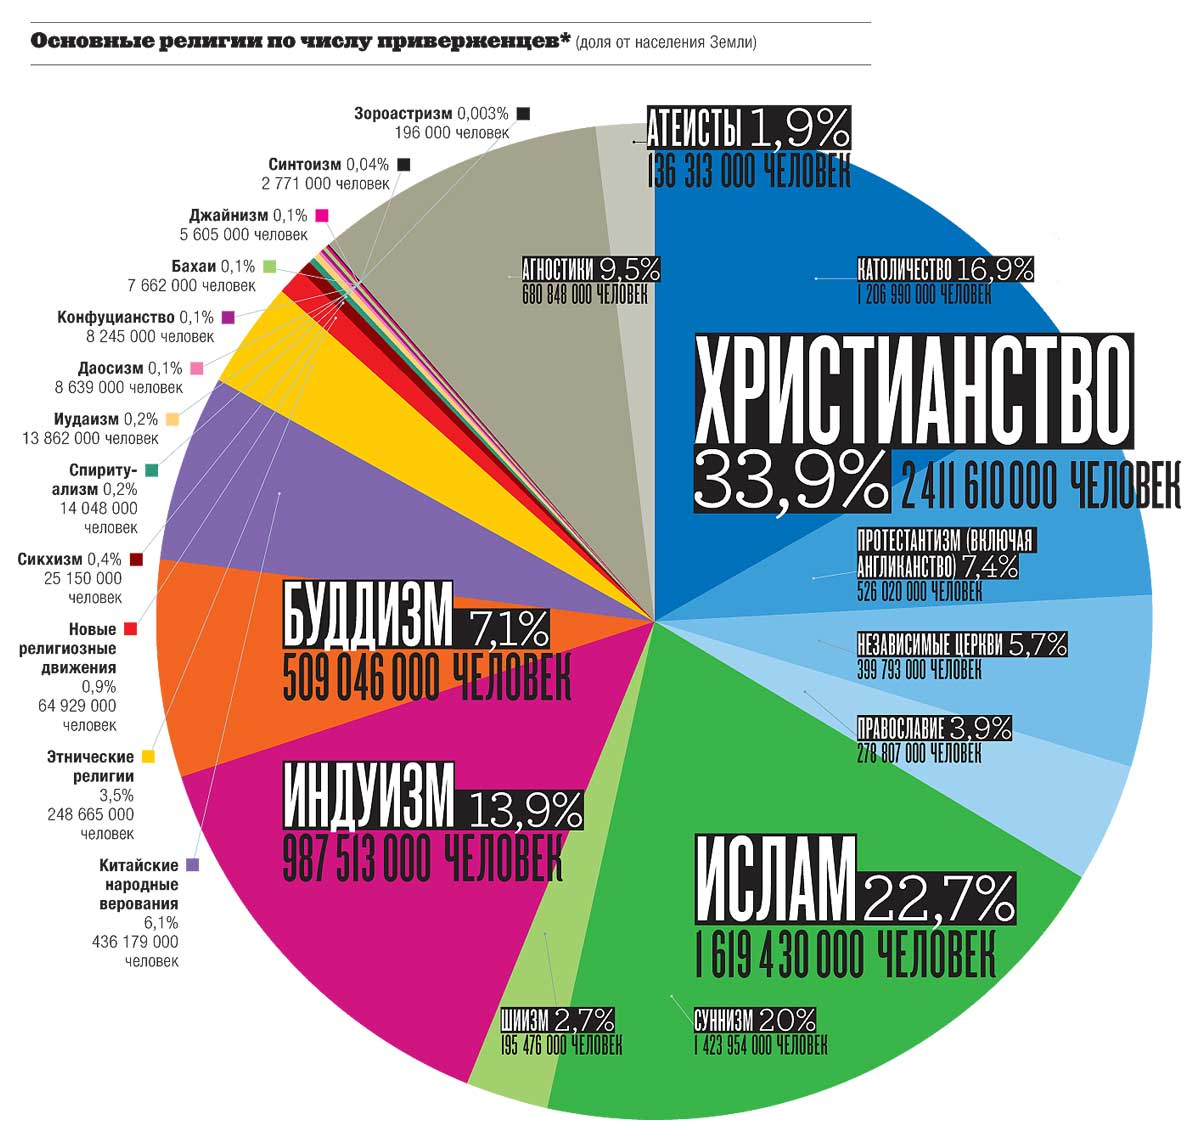 Распределение населения Земли по религиям